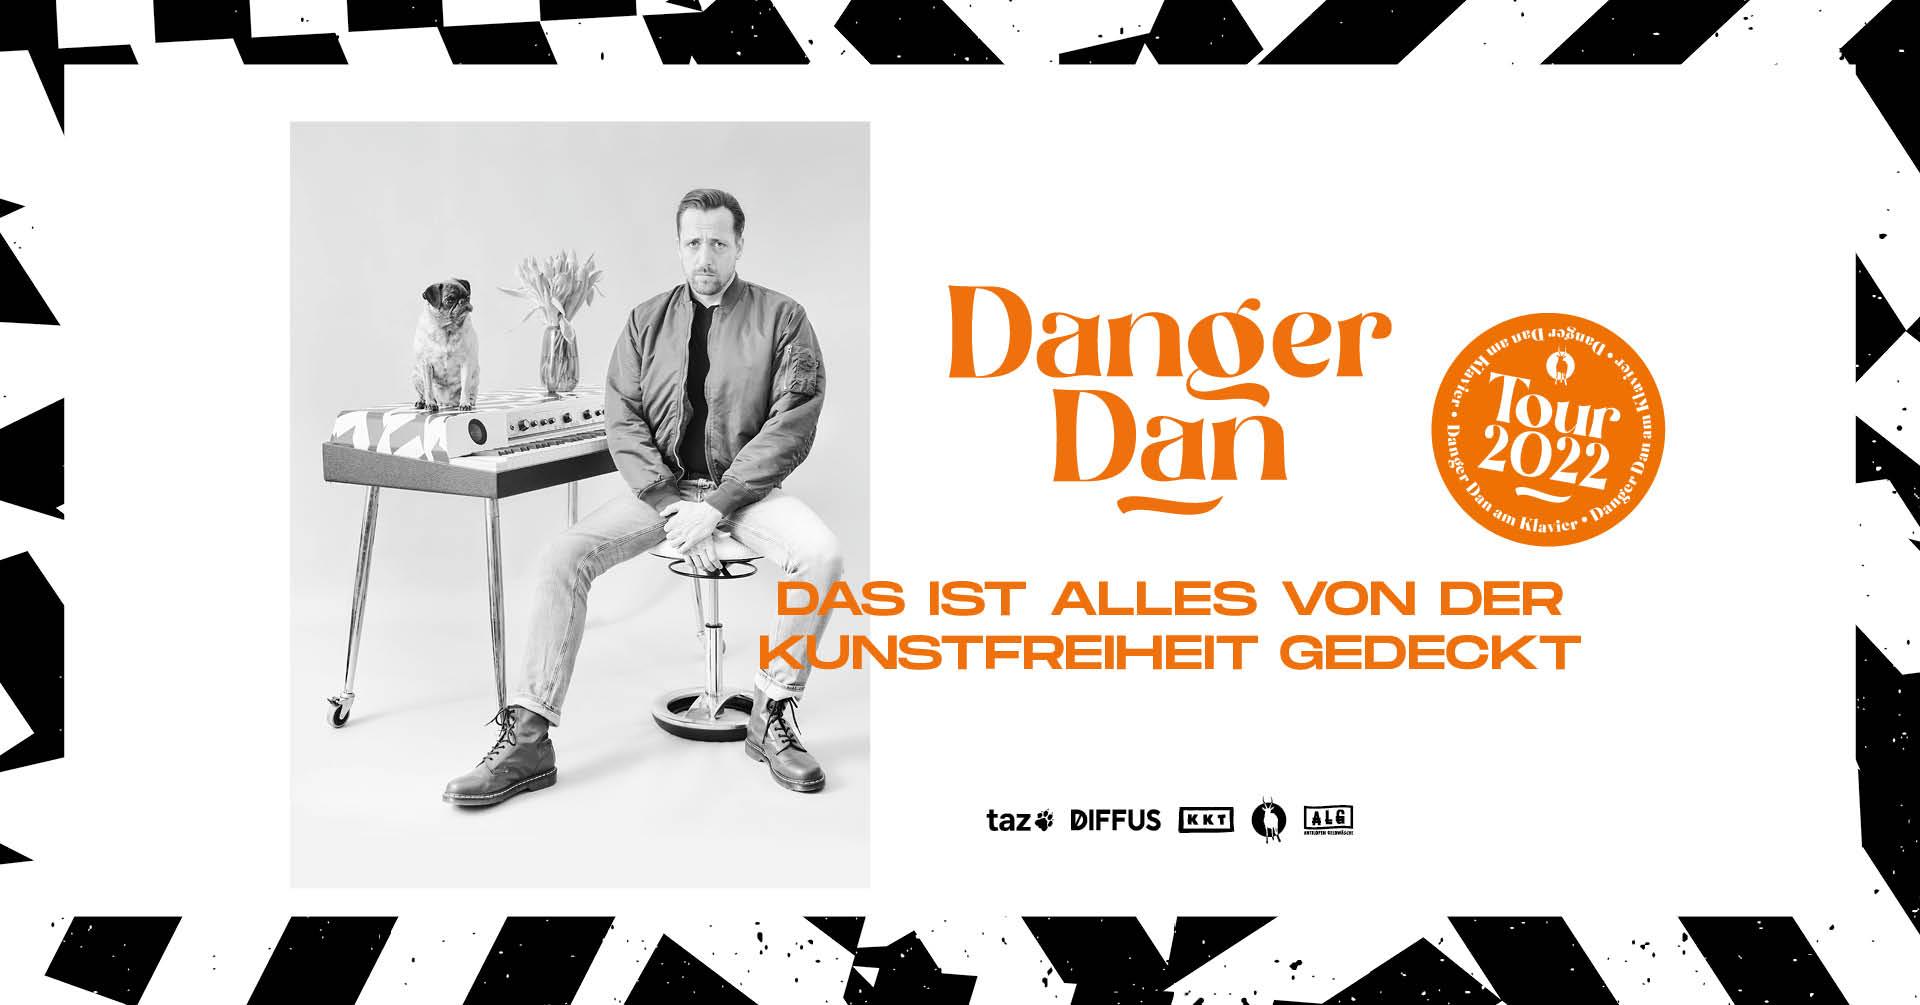 Danger Dan - Das ist alles von der Kunstfreiheit gedeckt (Zusatzshow)